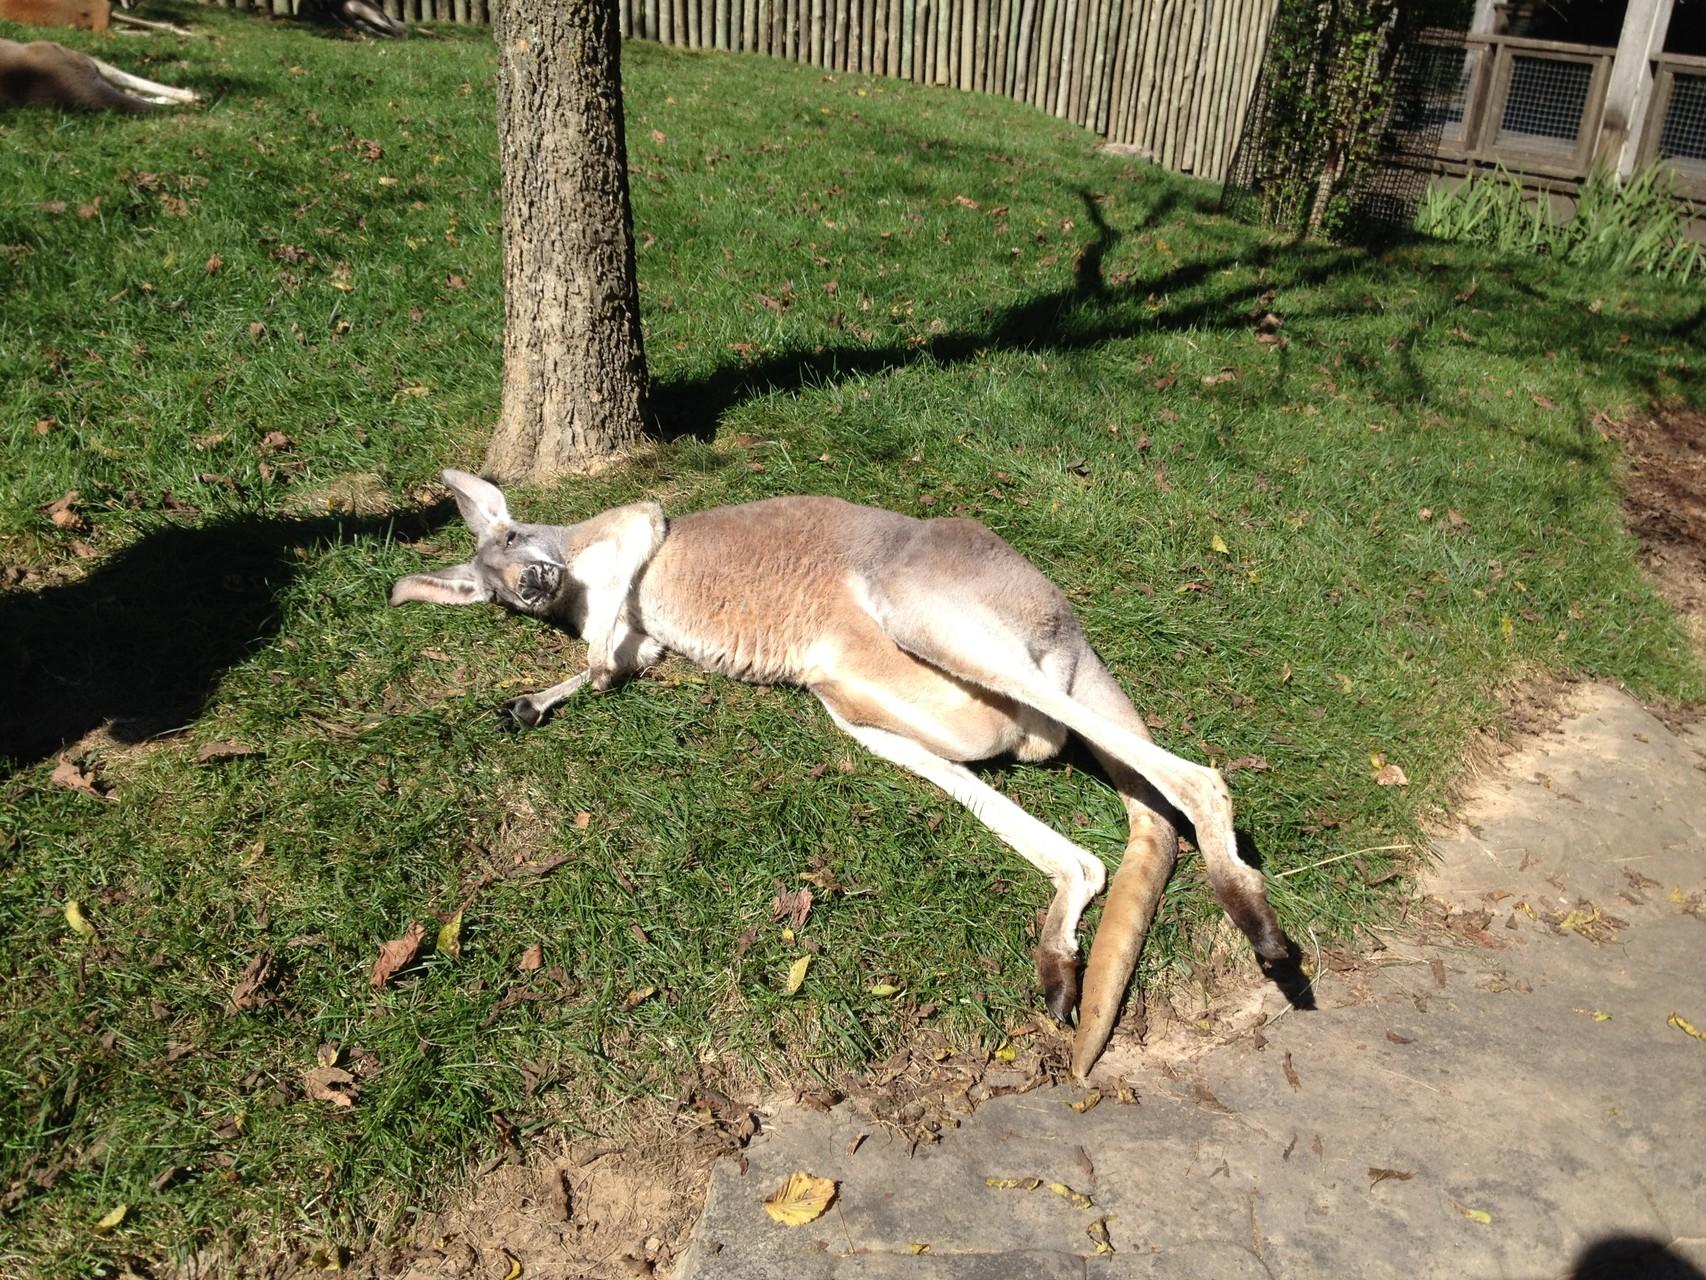 das Känguru war müde, wir durften es streicheln-es ist so flauschig!